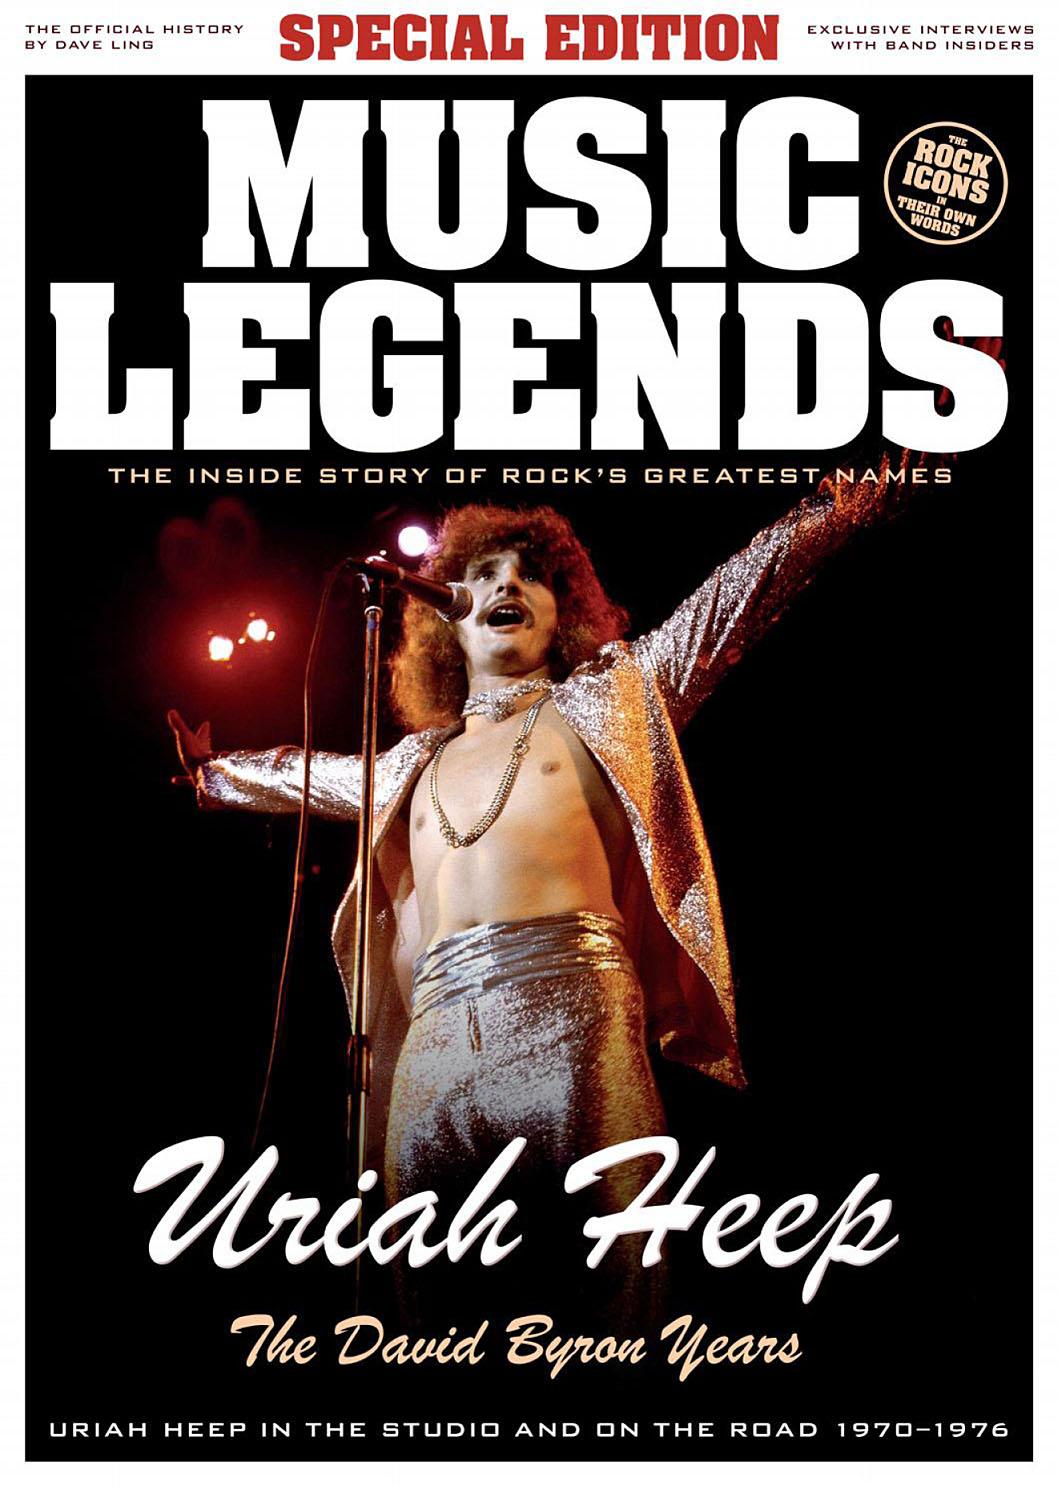 Music Legends Sp Uriah Heep 2020.jpg